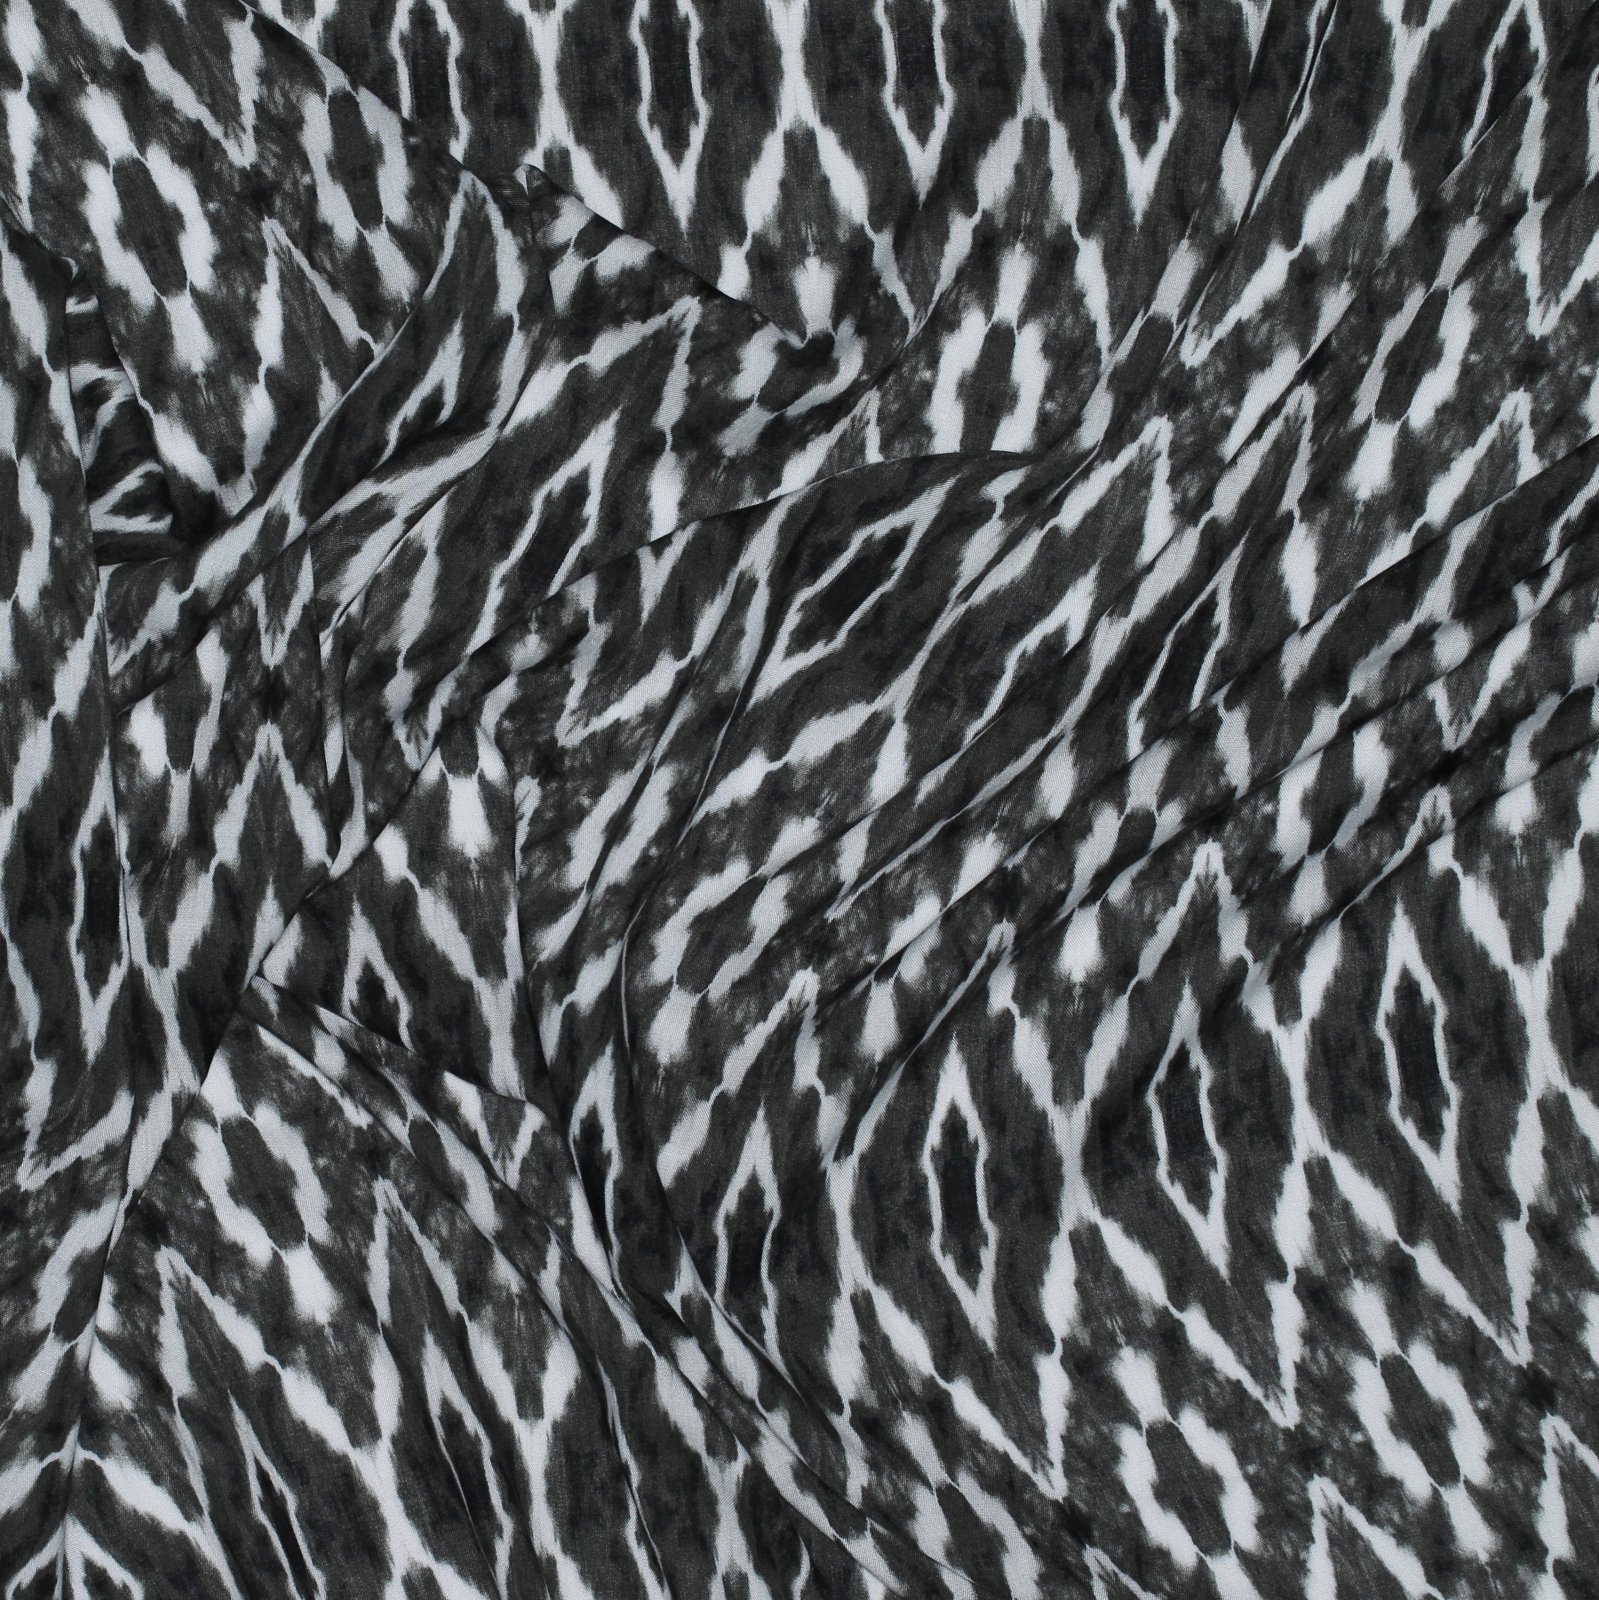 Black & White Zig Zag Rayon